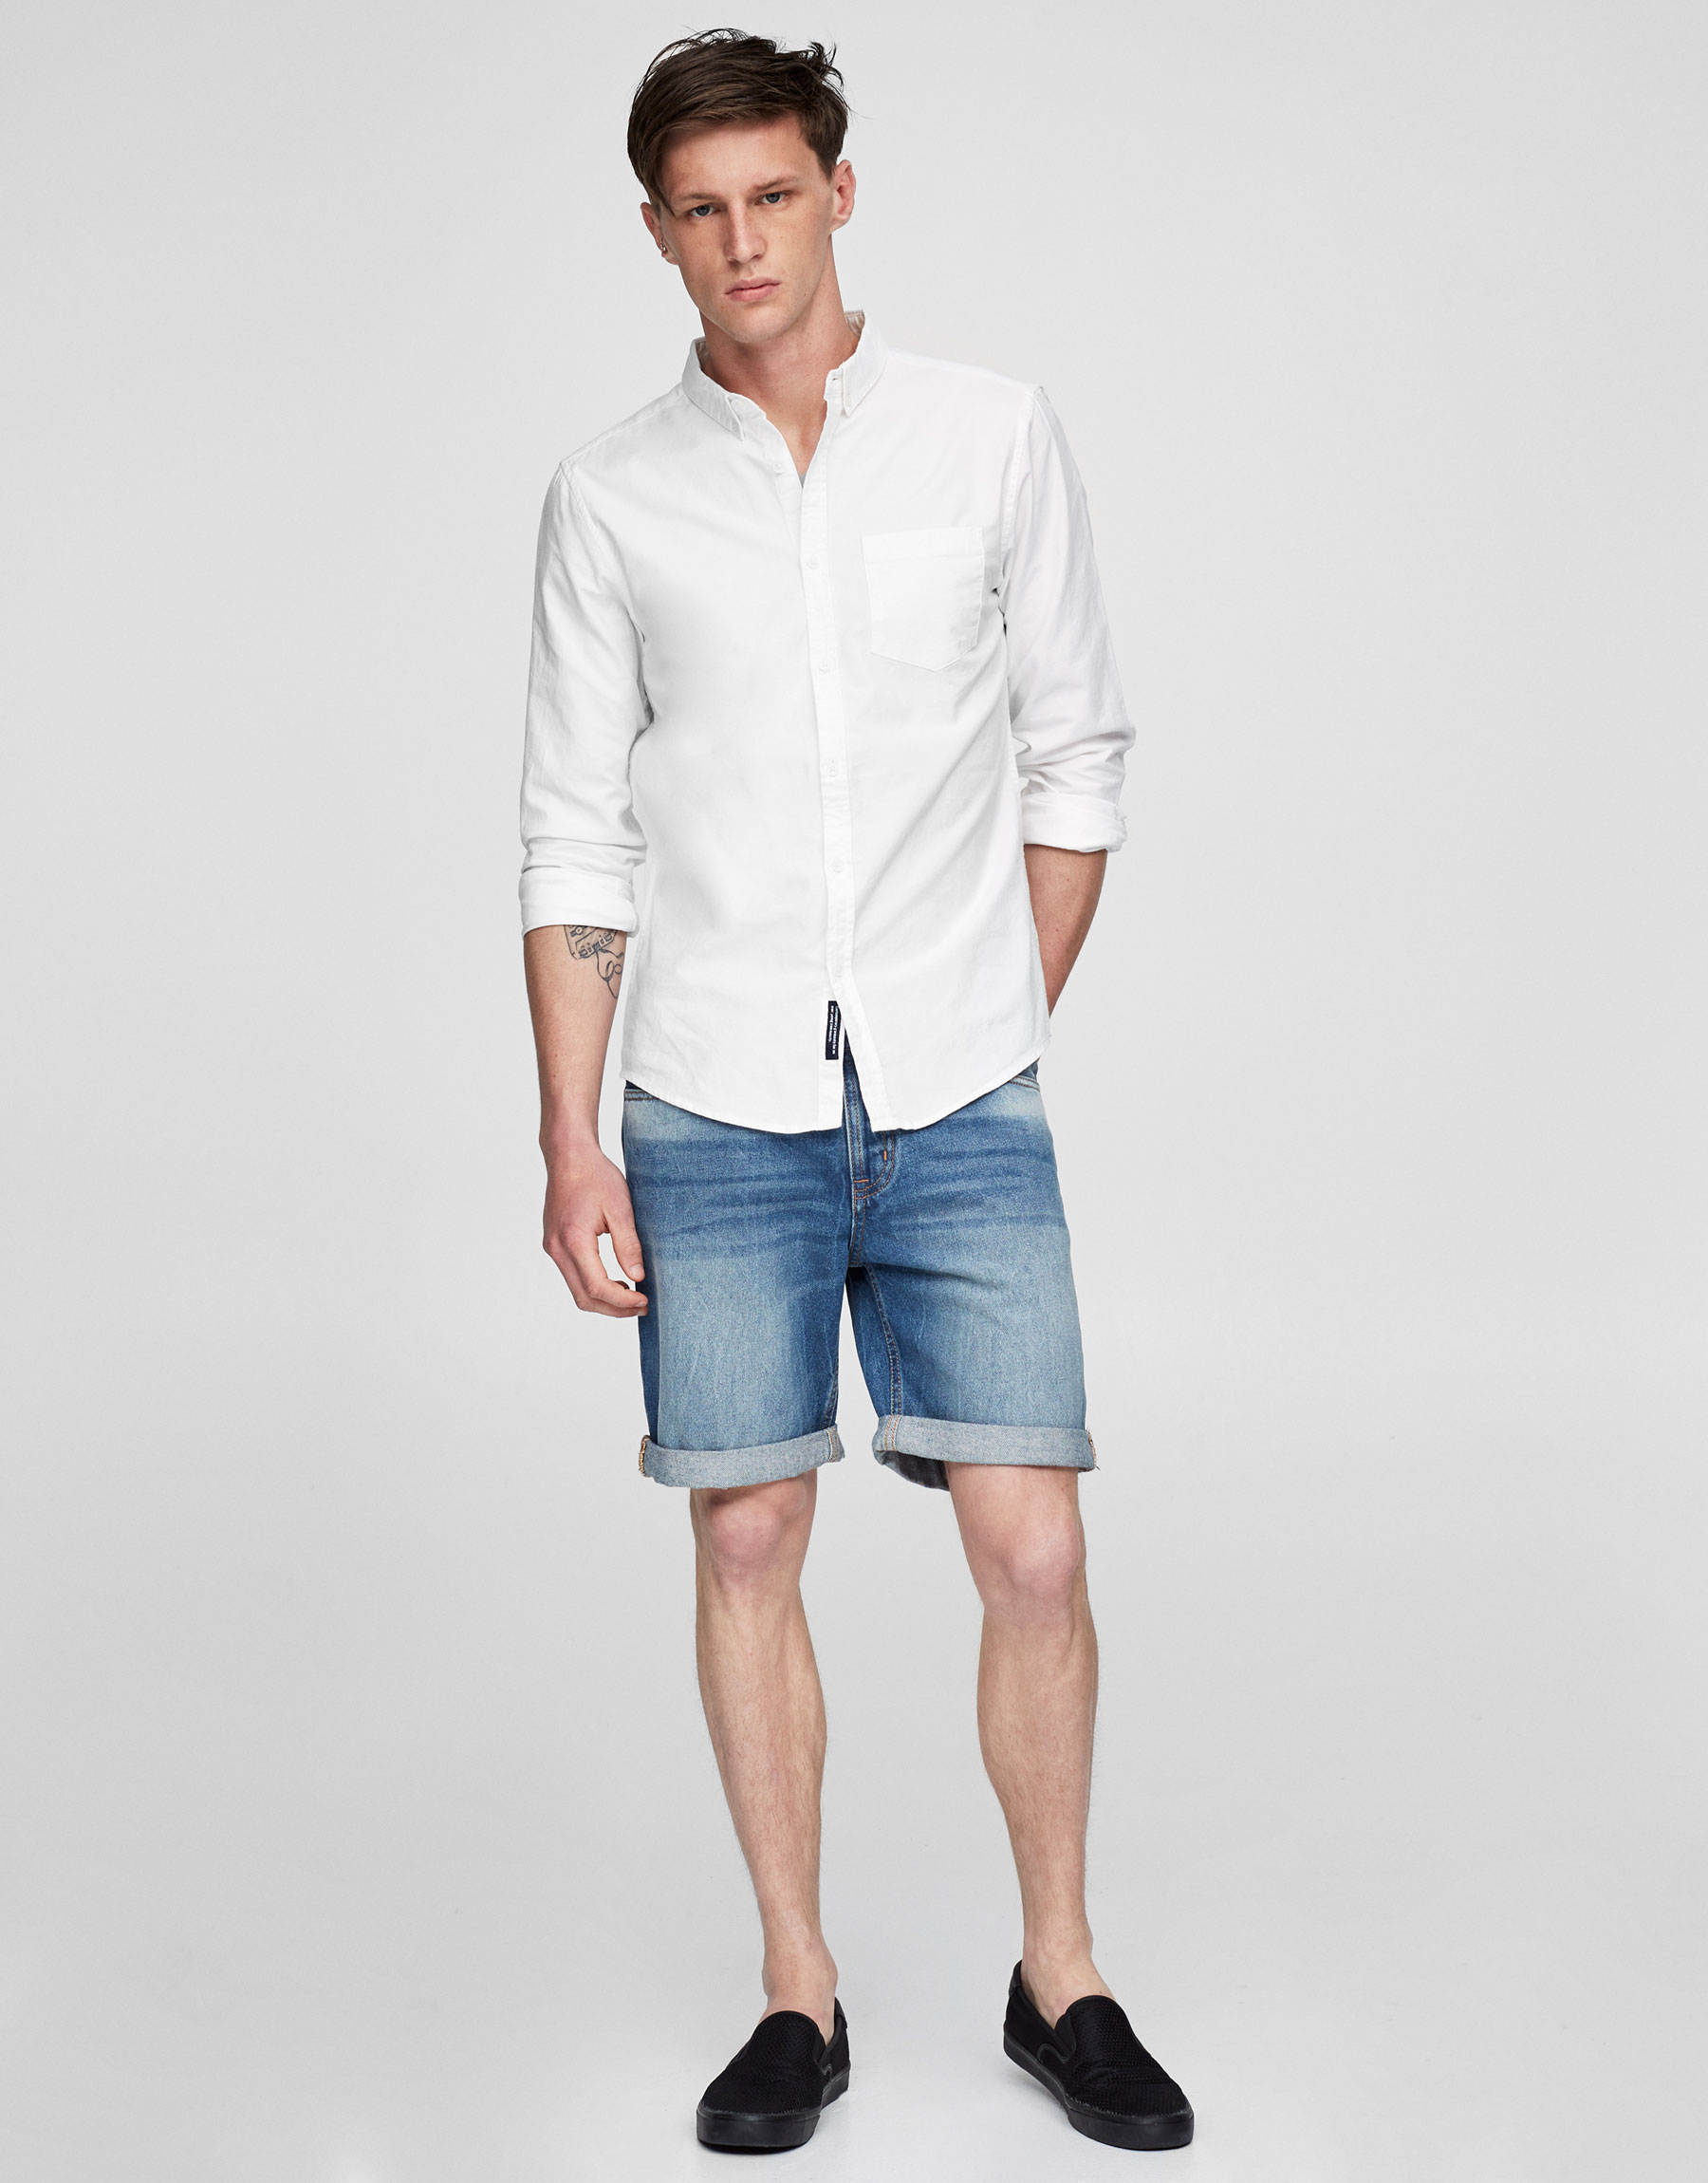 Basic medium blue denim Bermuda shorts